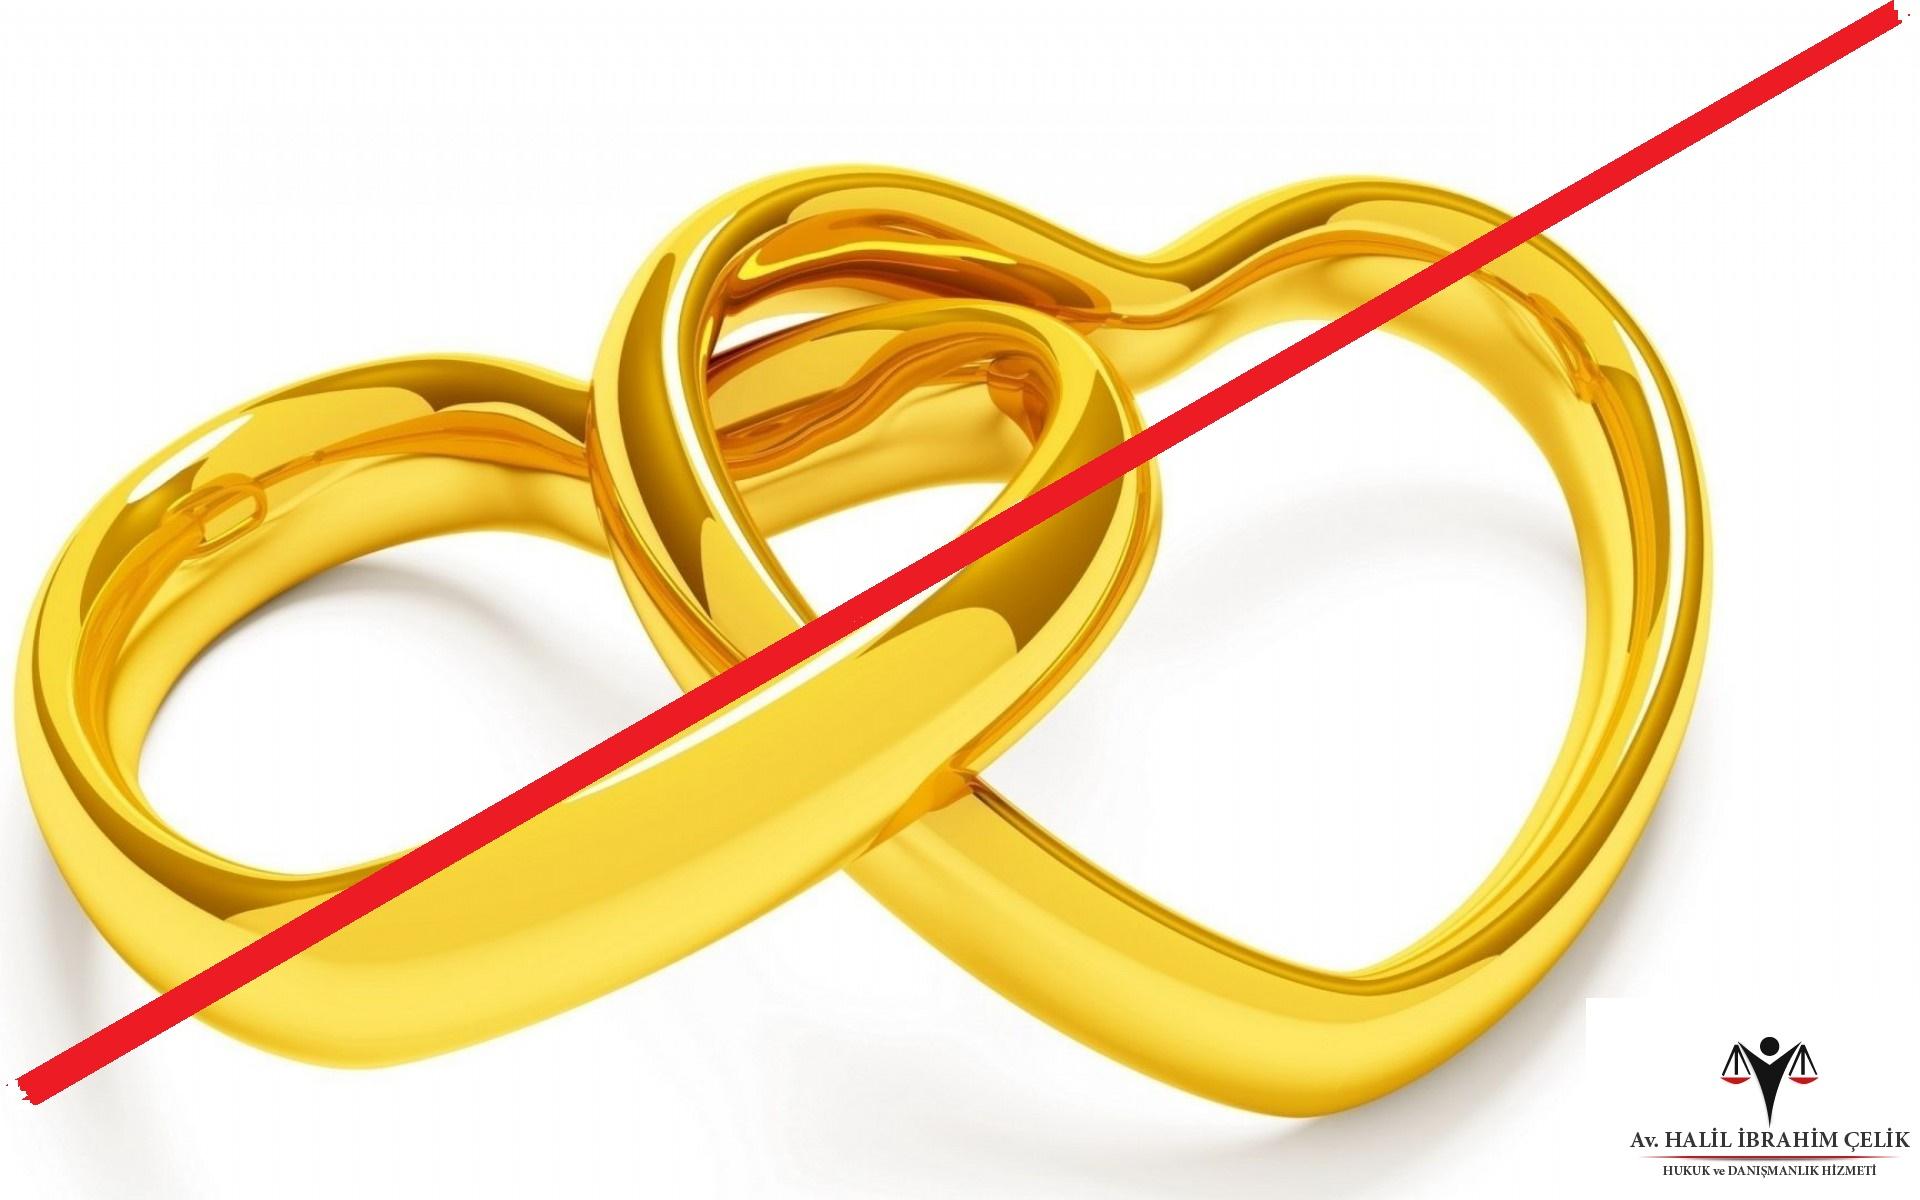 Evlilikte Butlan ve Evliliğin İptali Davaları - Av. H. İbrahim Çelik